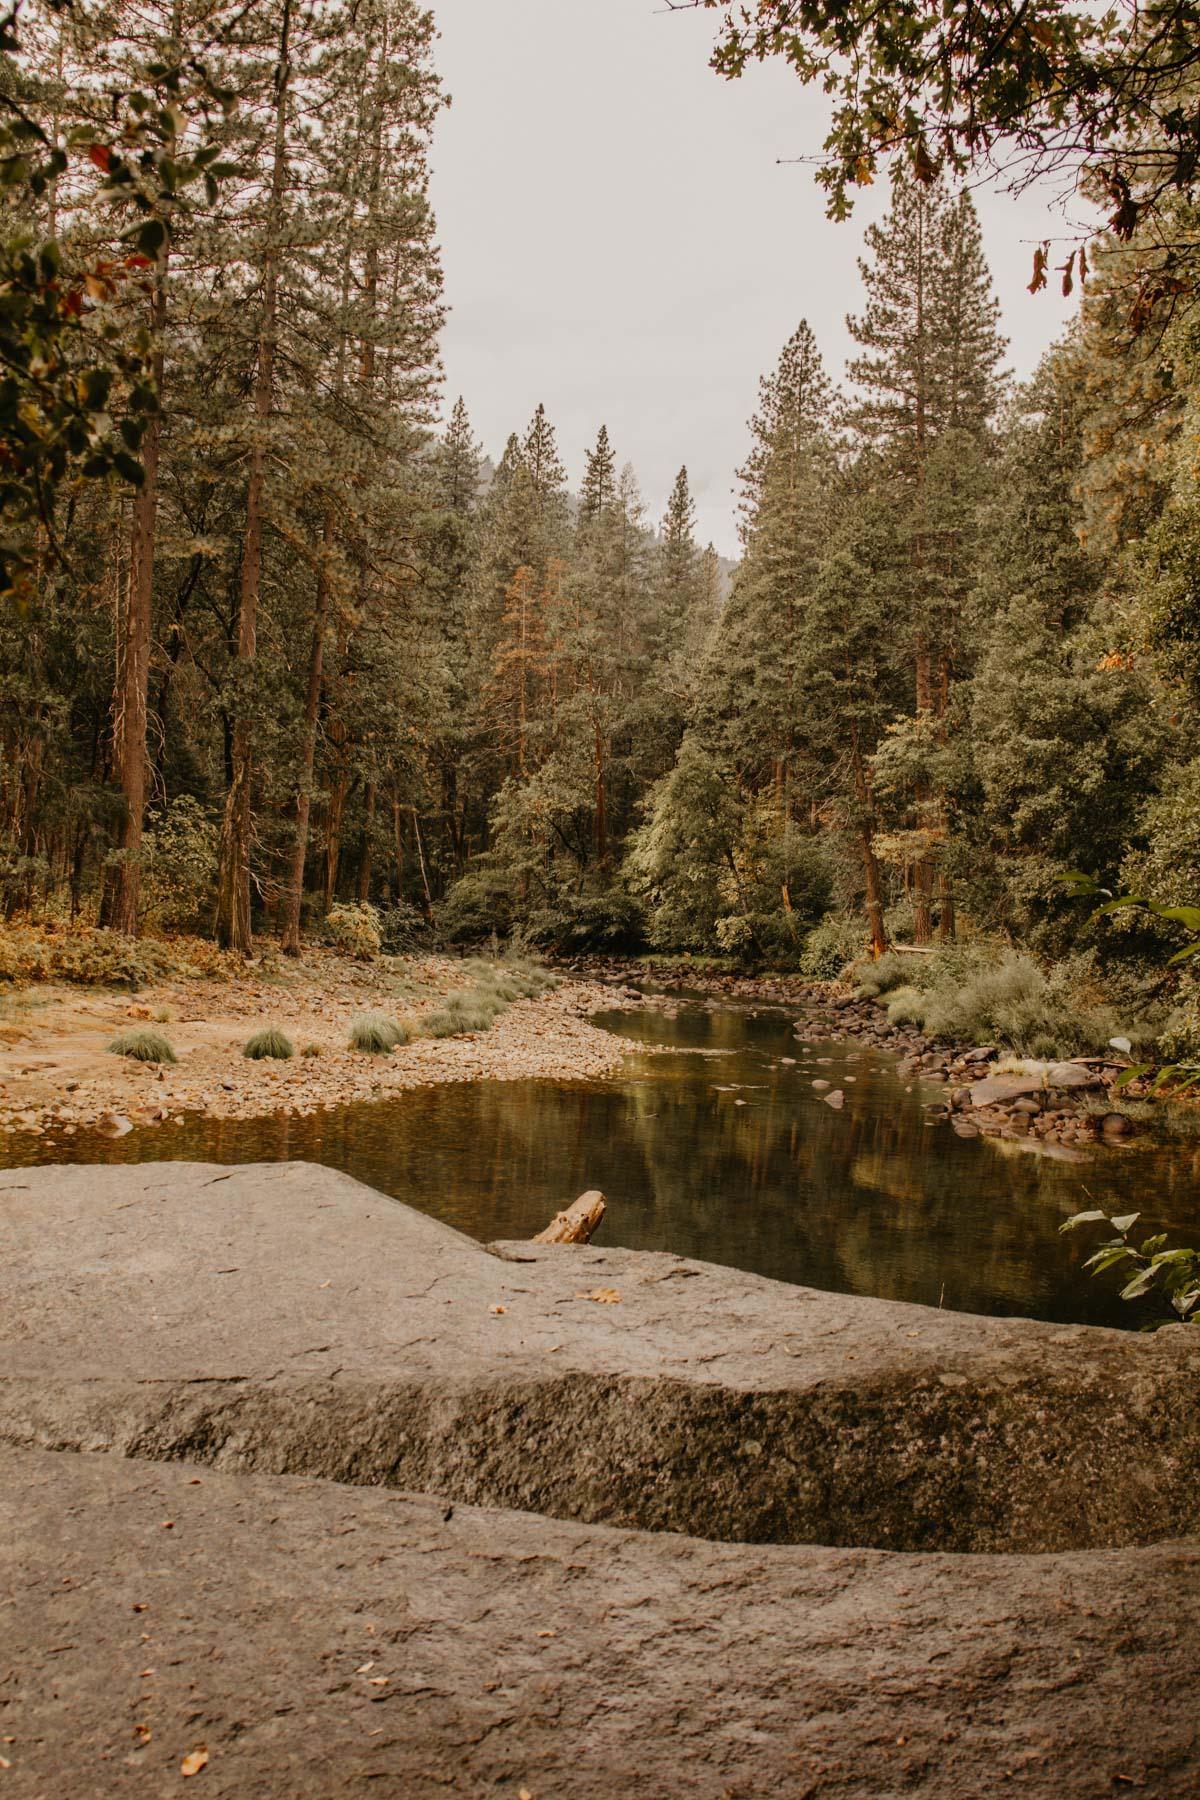 ACC-Yosemite-WebSize-1810097.jpg